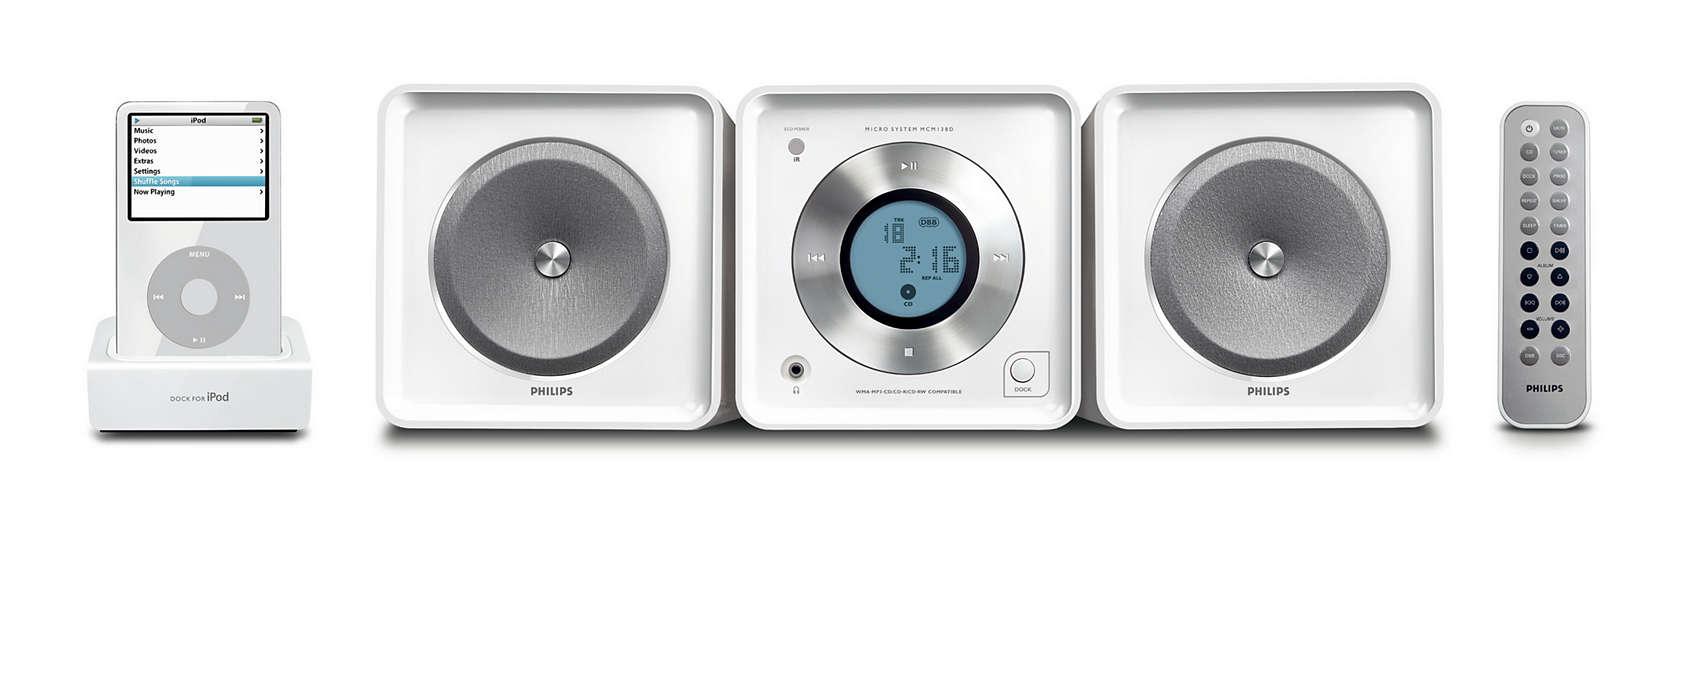 Възпроизвежда и зарежда вашия iPod